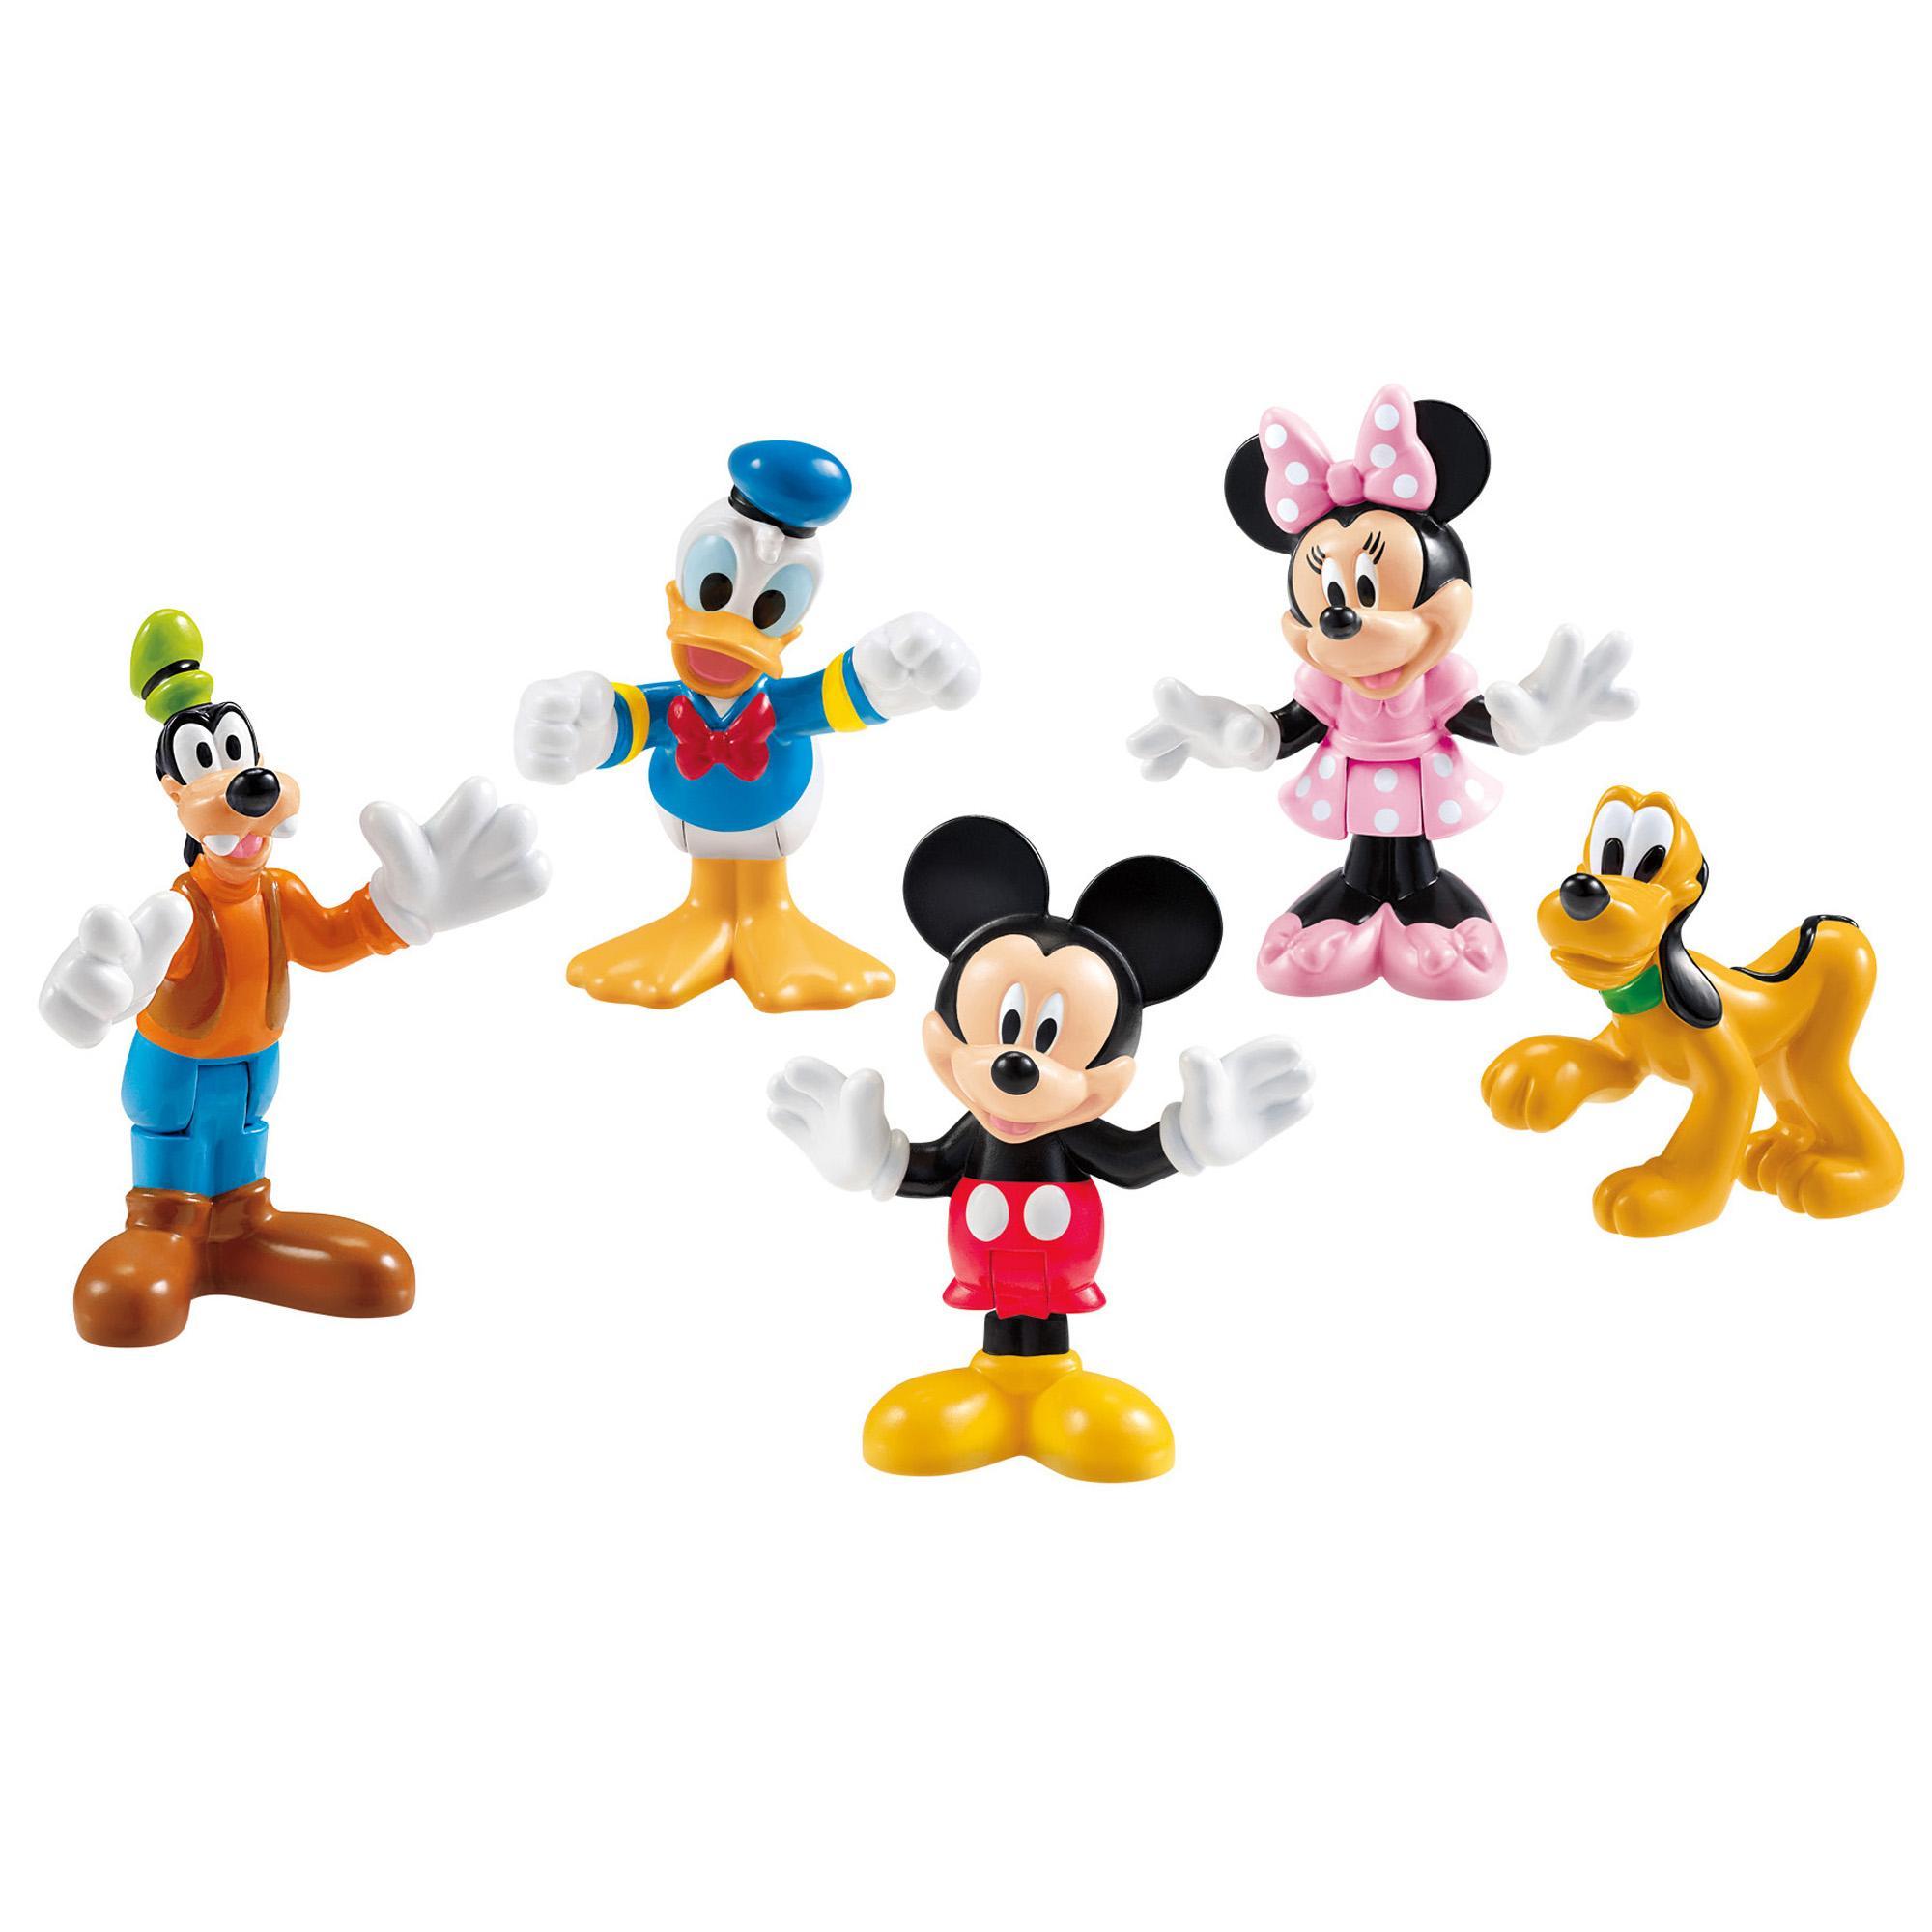 23 Productos Disney Que Ahora Valen Una Fortuna